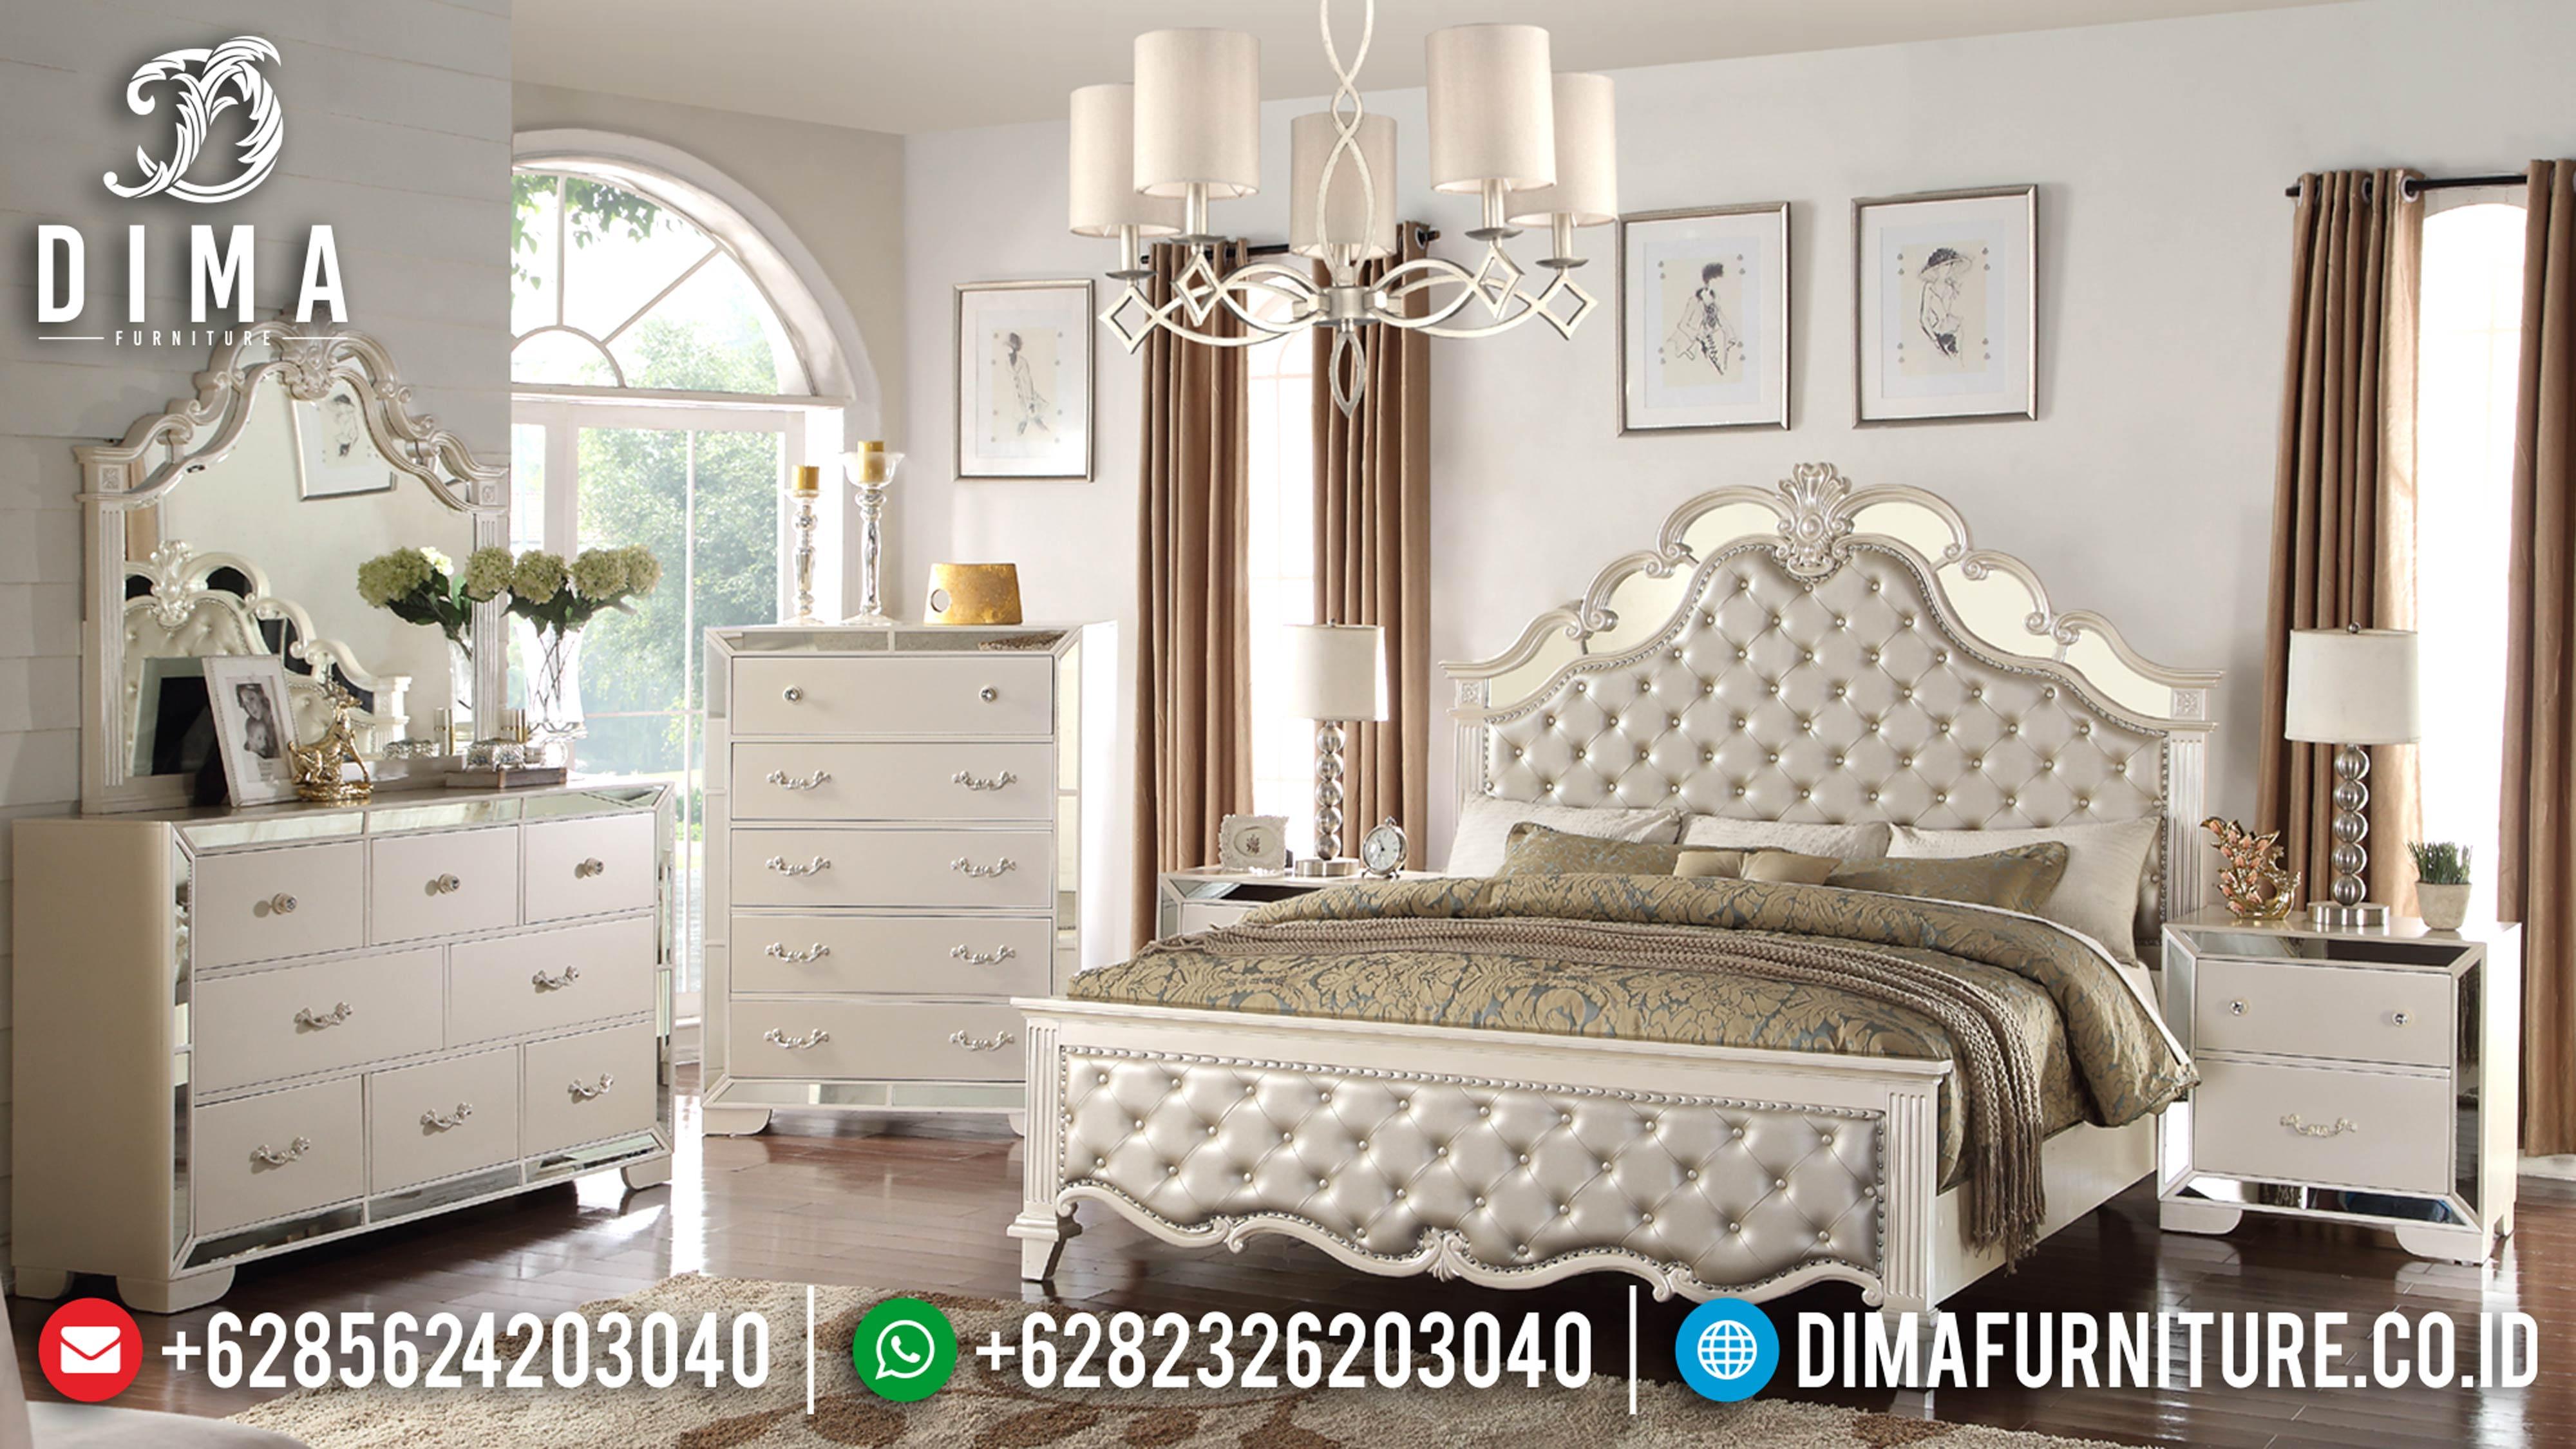 Tempat Tidur Mewah Minimalis, Kamar Set Mewah Sonia, Mebel Jepara Murah DF-0604